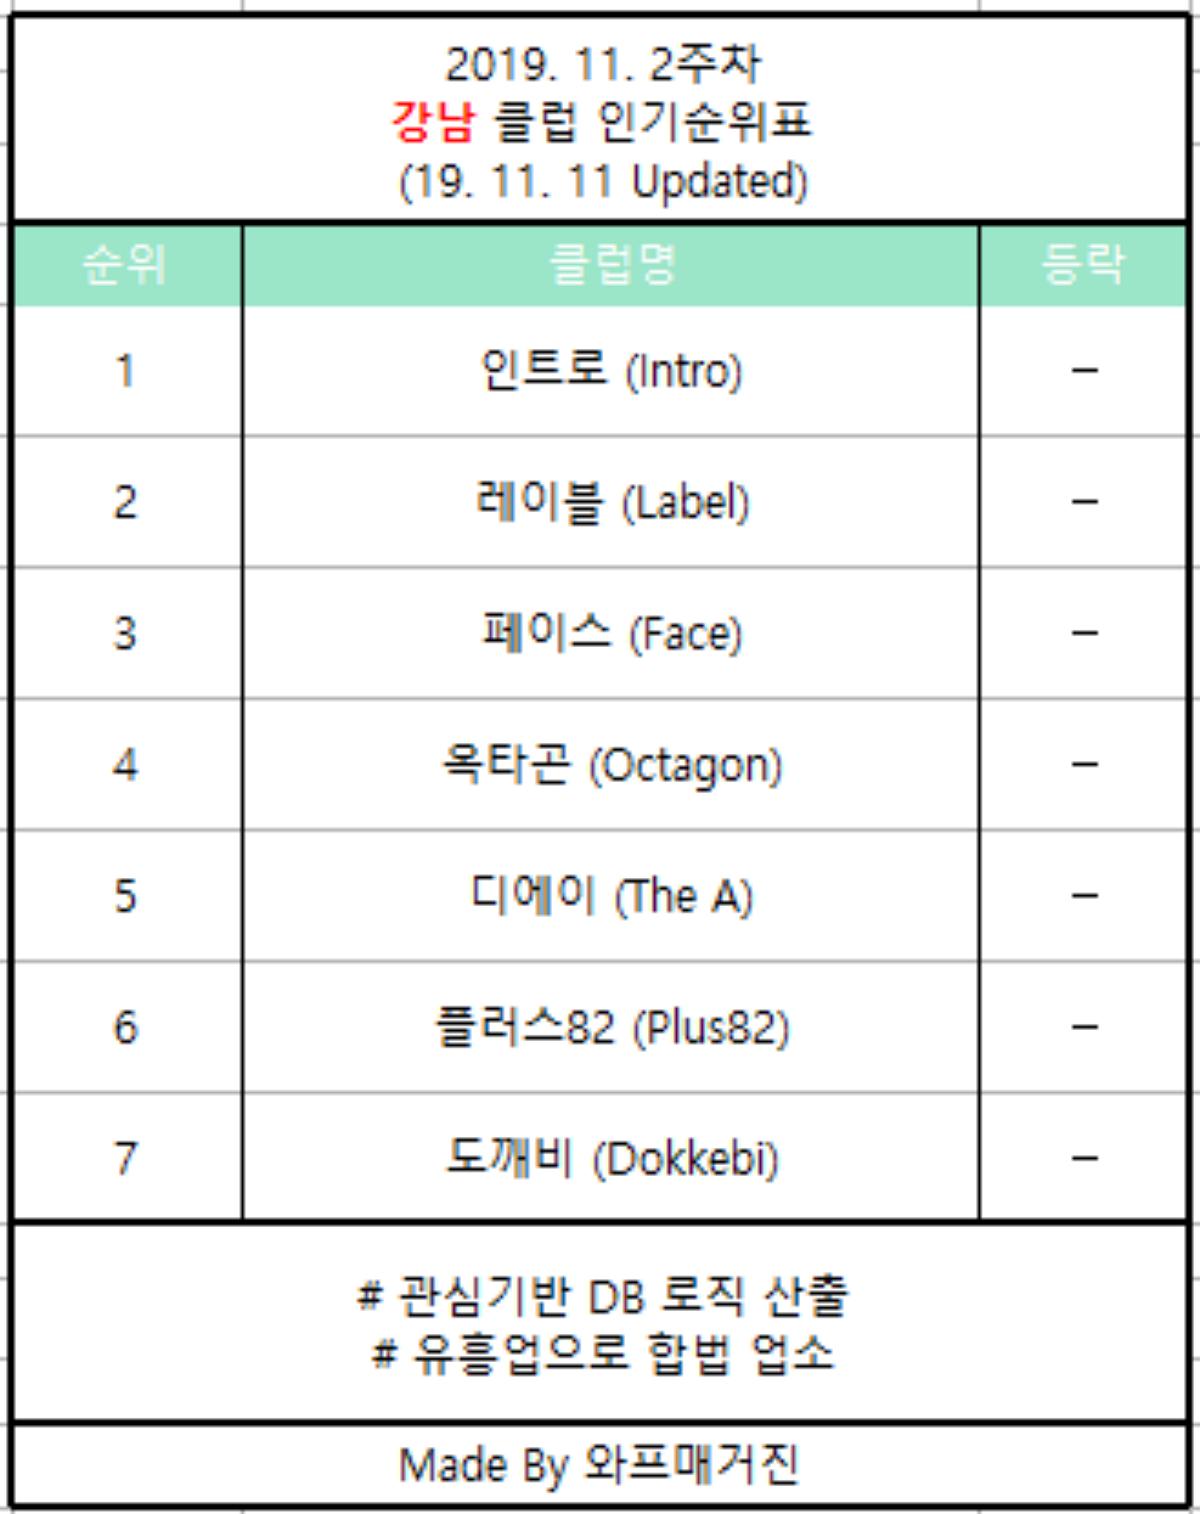 강남클럽순위 19.11.2주차